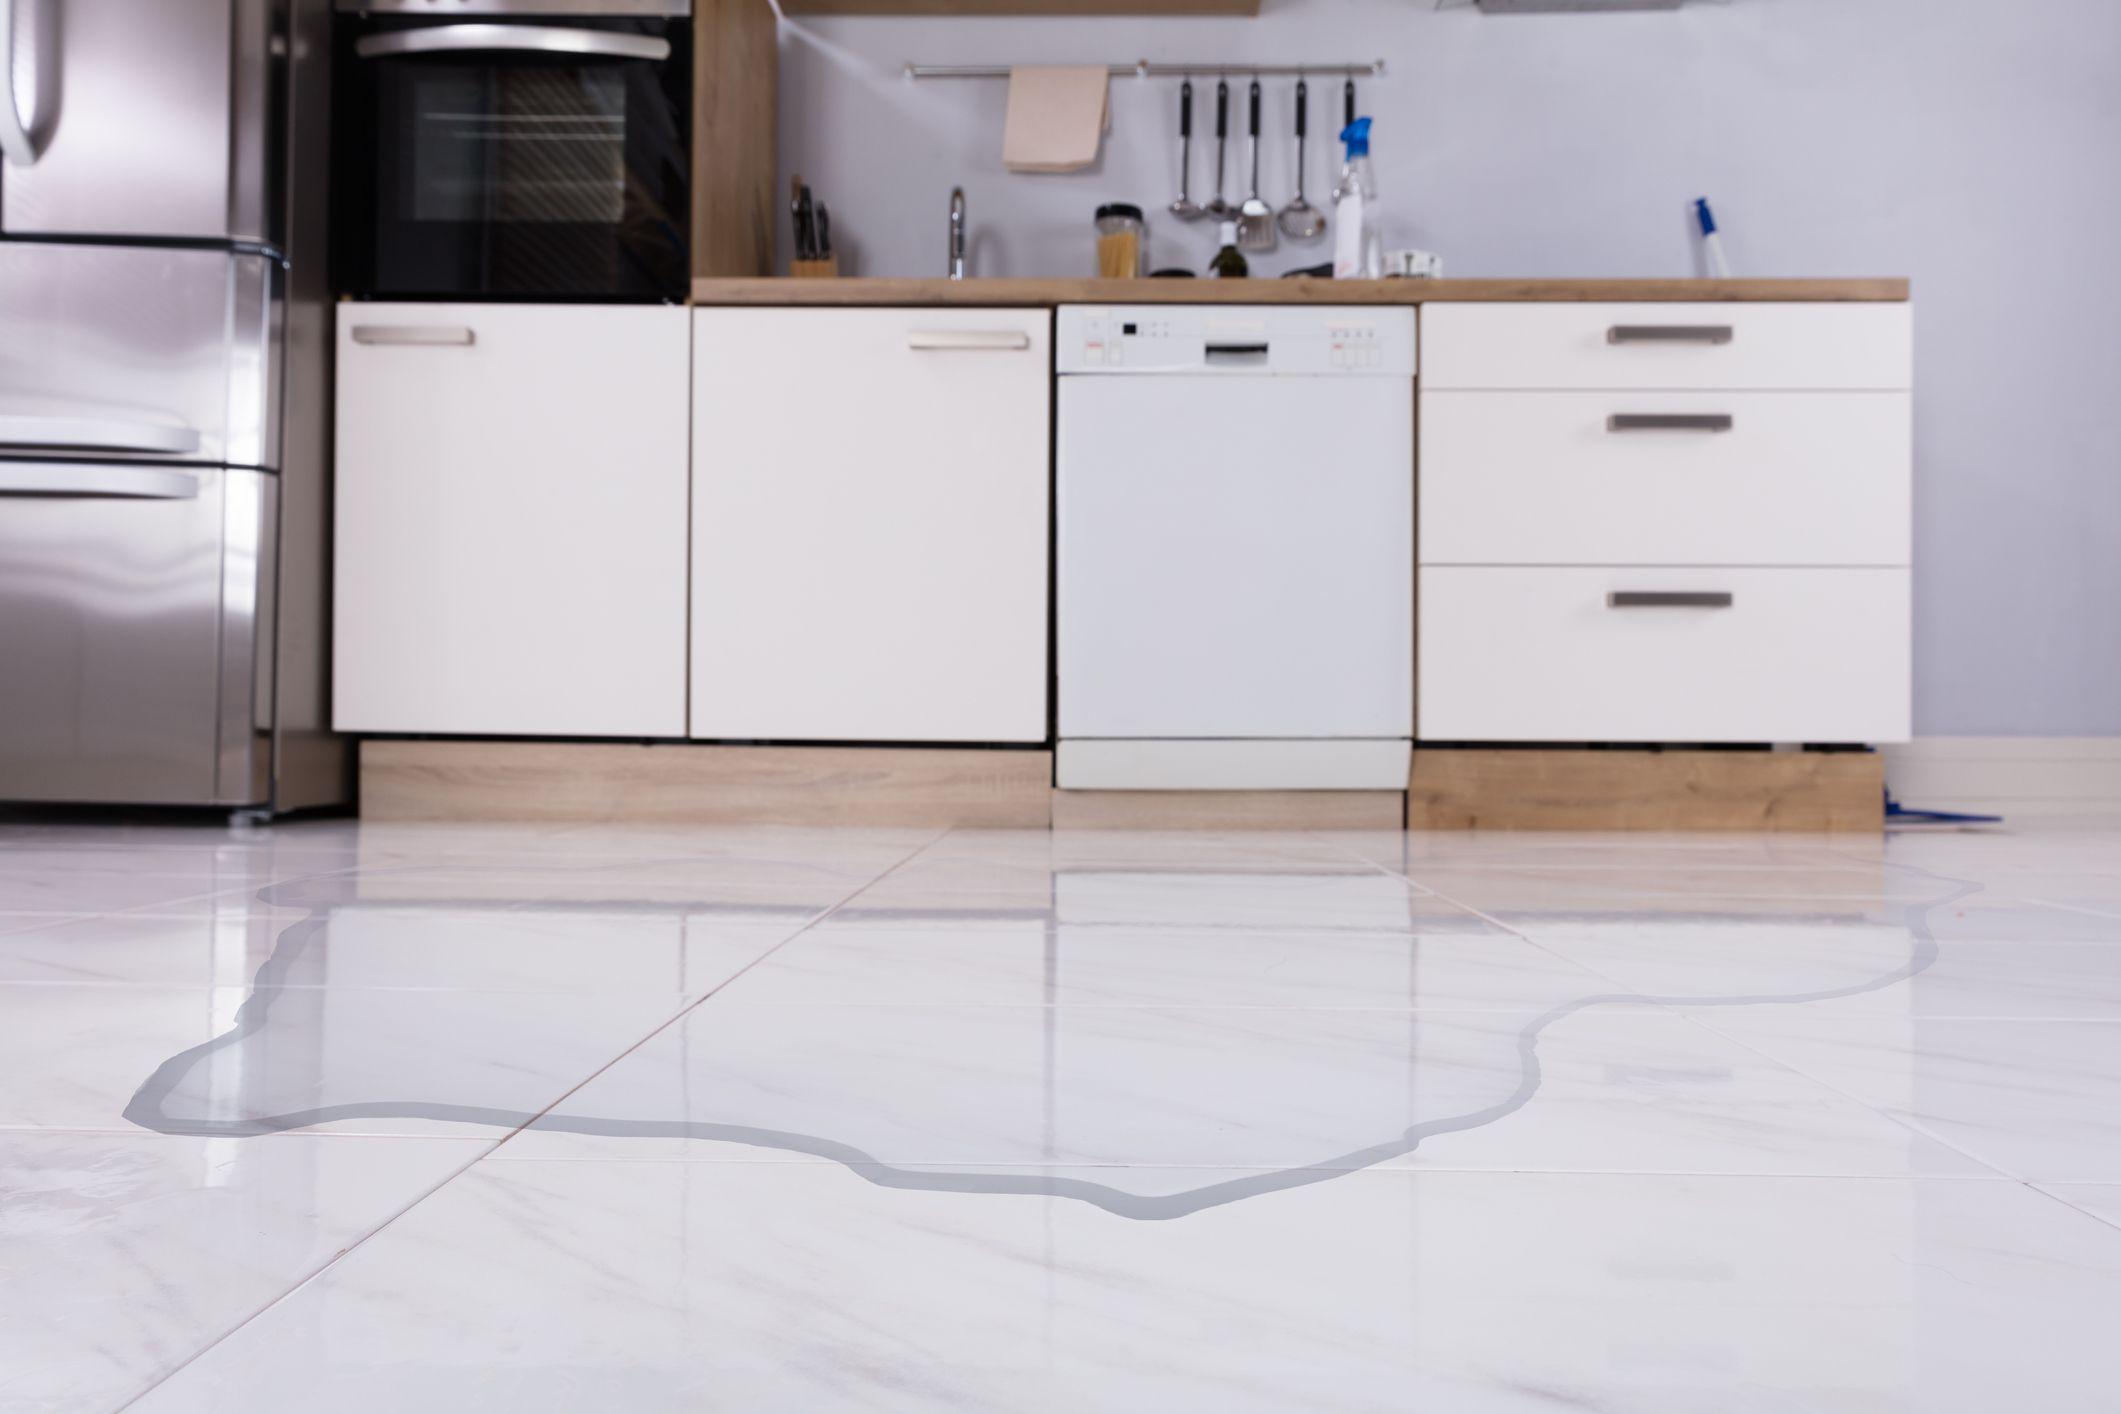 Dishwasher Door Leaking